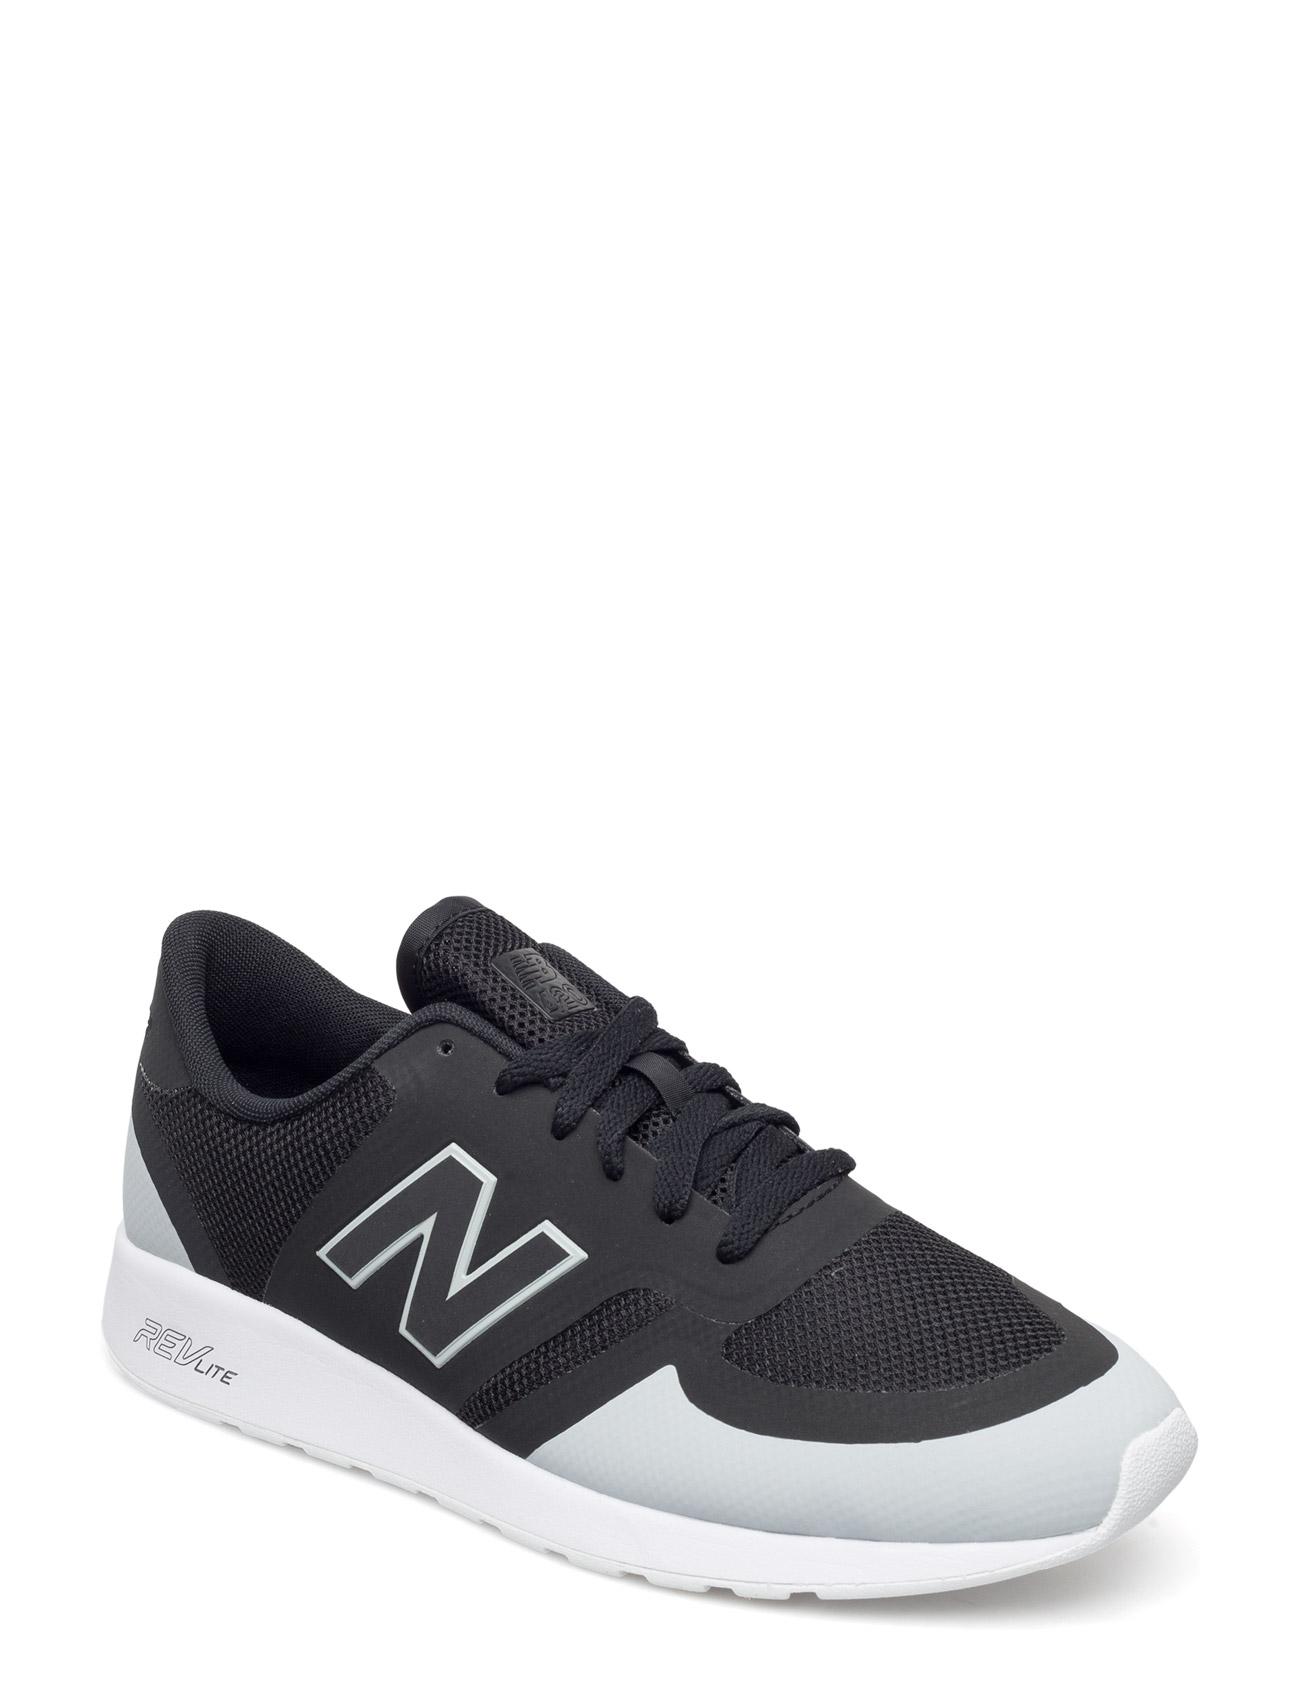 Mrl420 New Balance Sports sko til Mænd i hvid